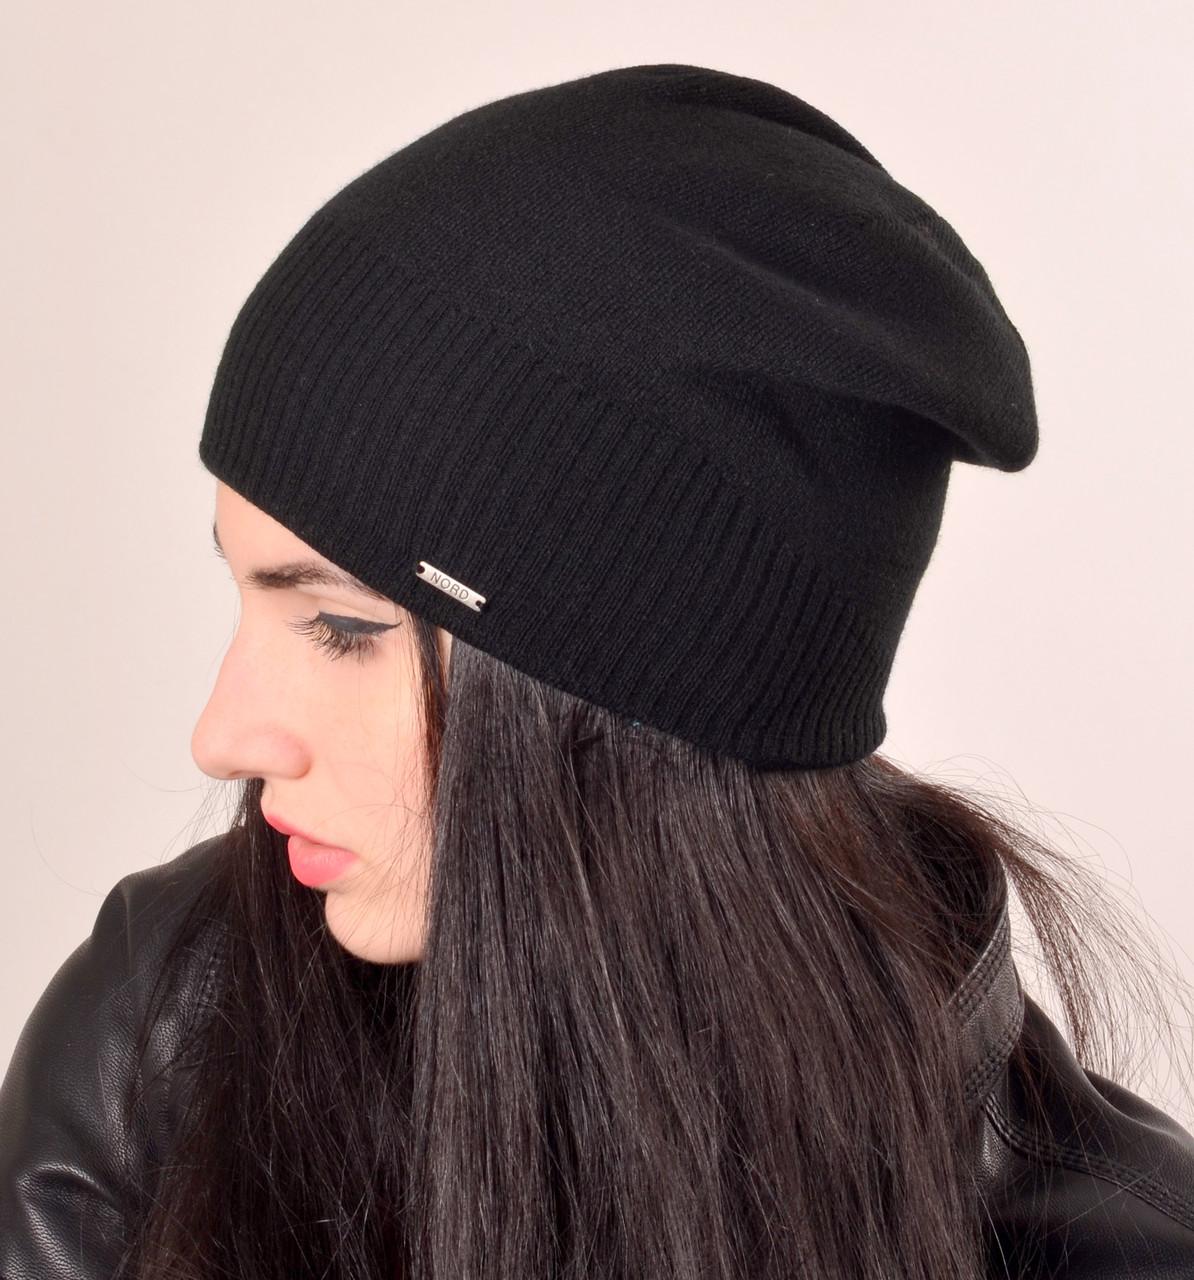 Женская шапка на флисе. Модель Levs, фото 1